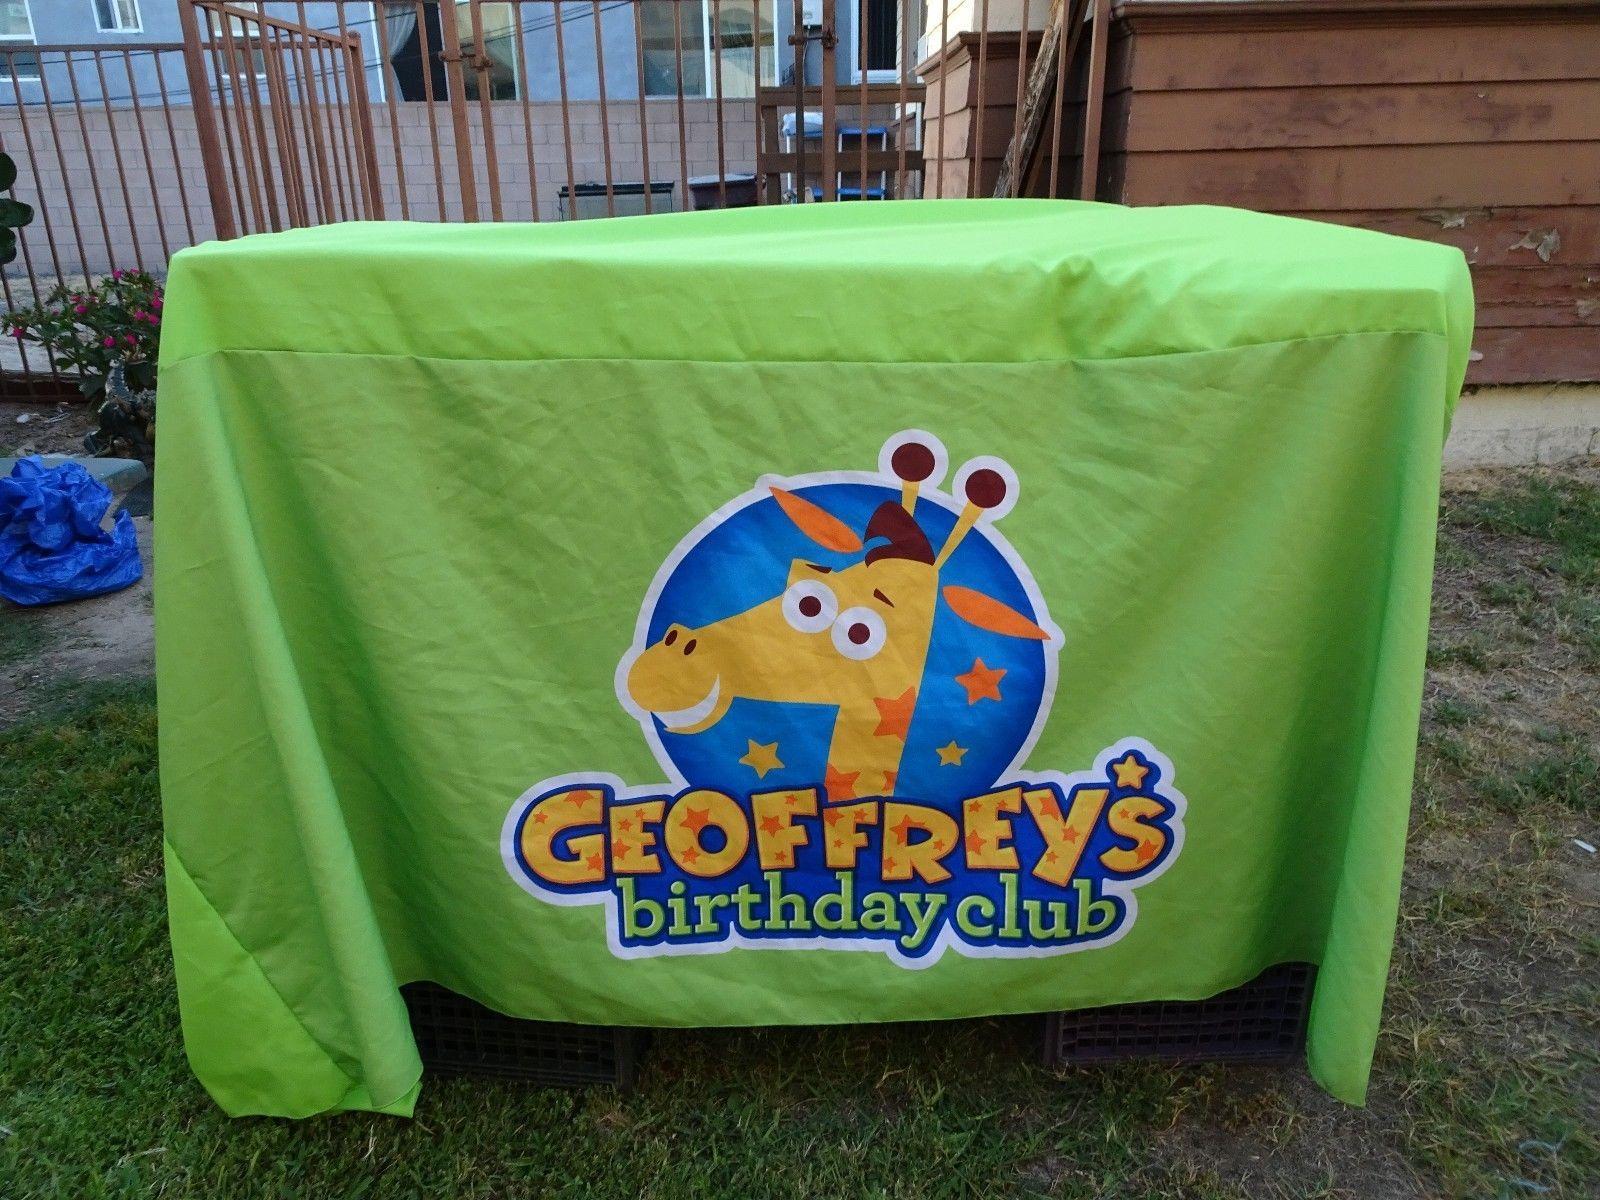 Birthday toys images  Toys R Us Kid Geoffrey Giraffe Birthday Club Table Cloth  Birthday club